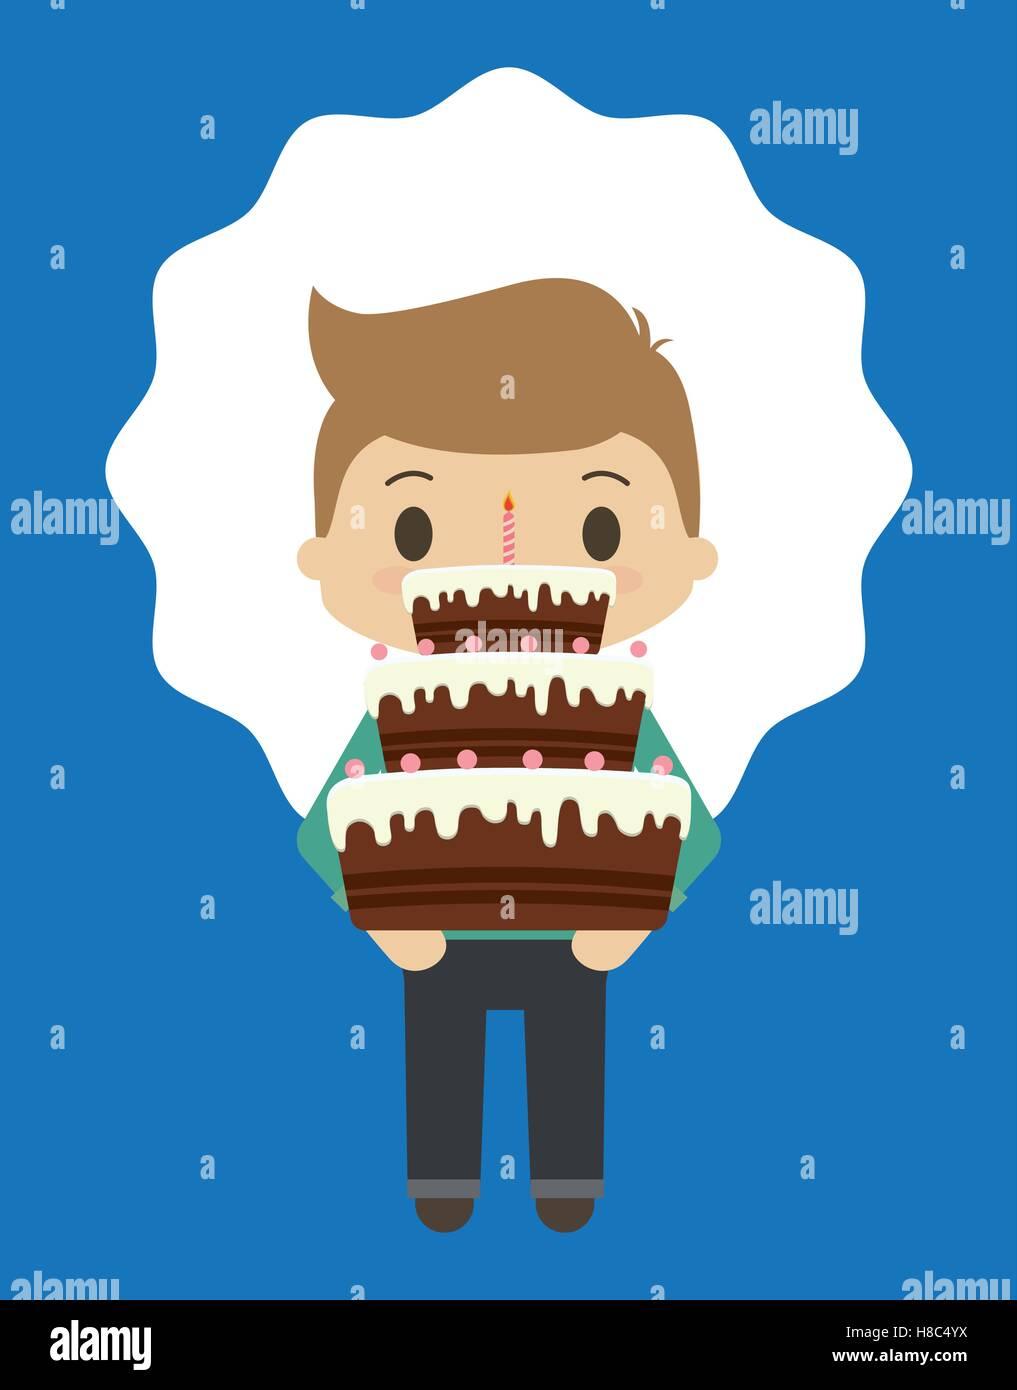 Feliz cumpleaños kid cartoon Imagen De Stock